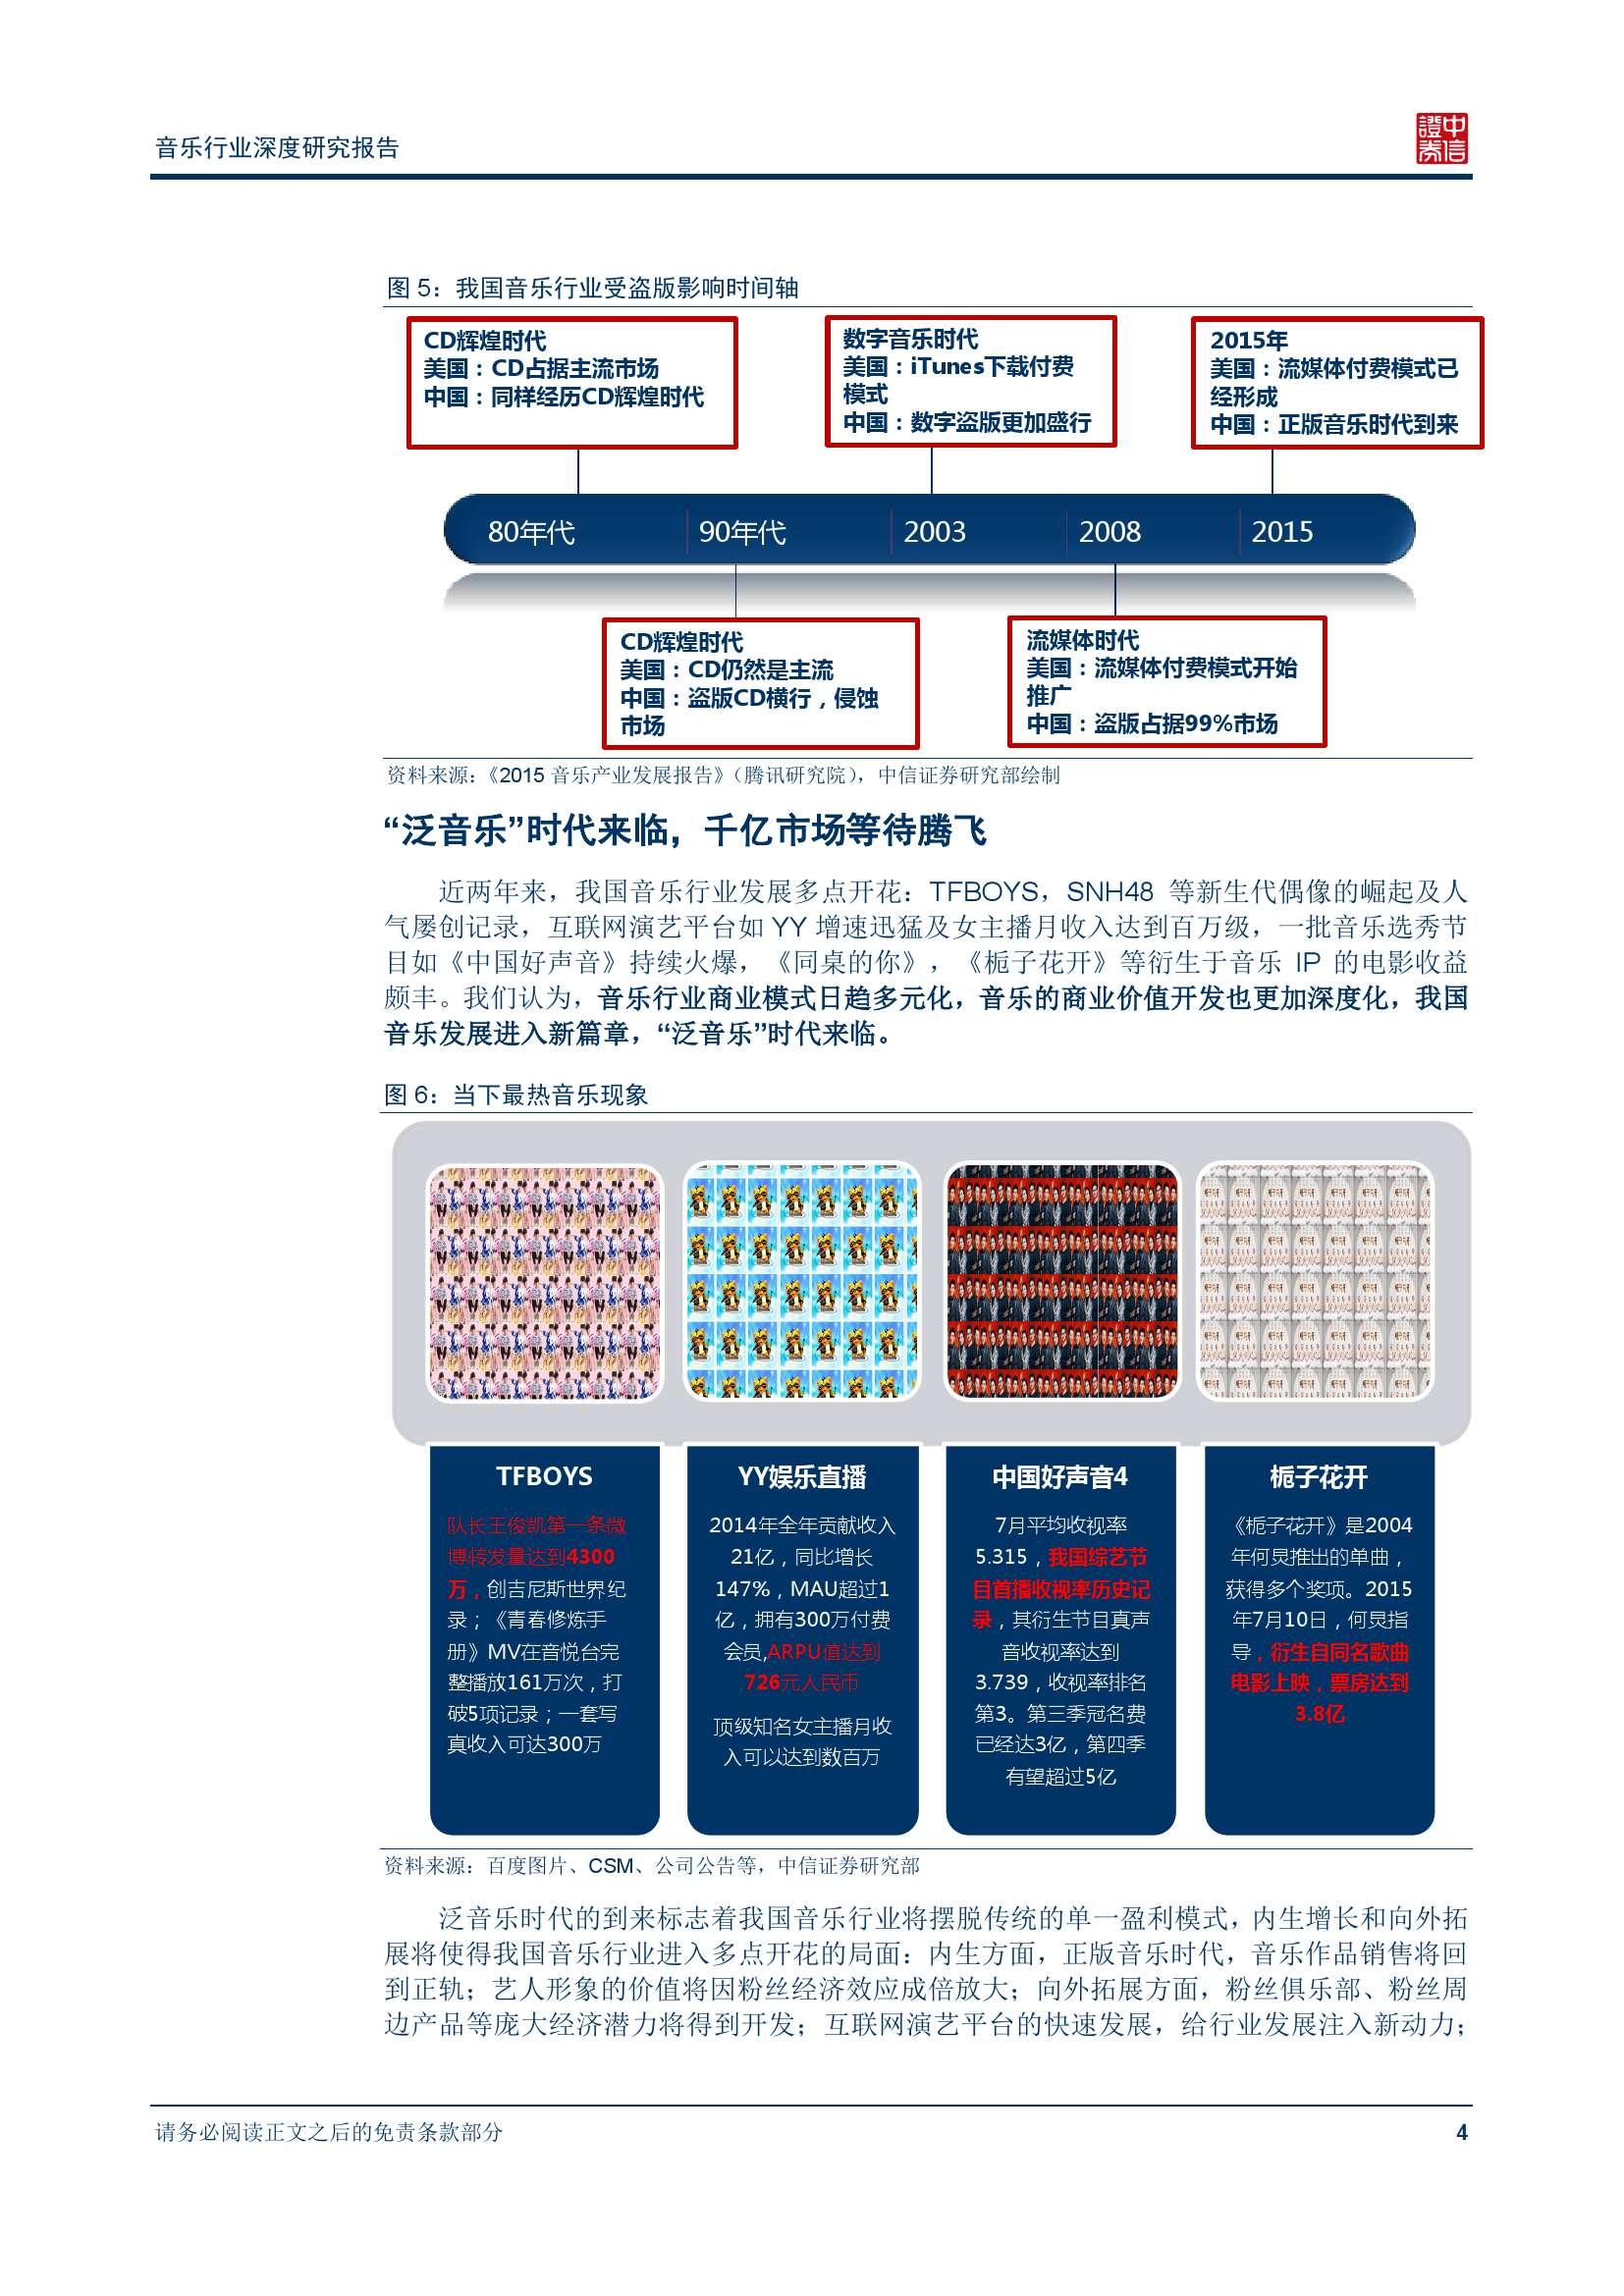 中信证券音乐行业深度研究报告_000009